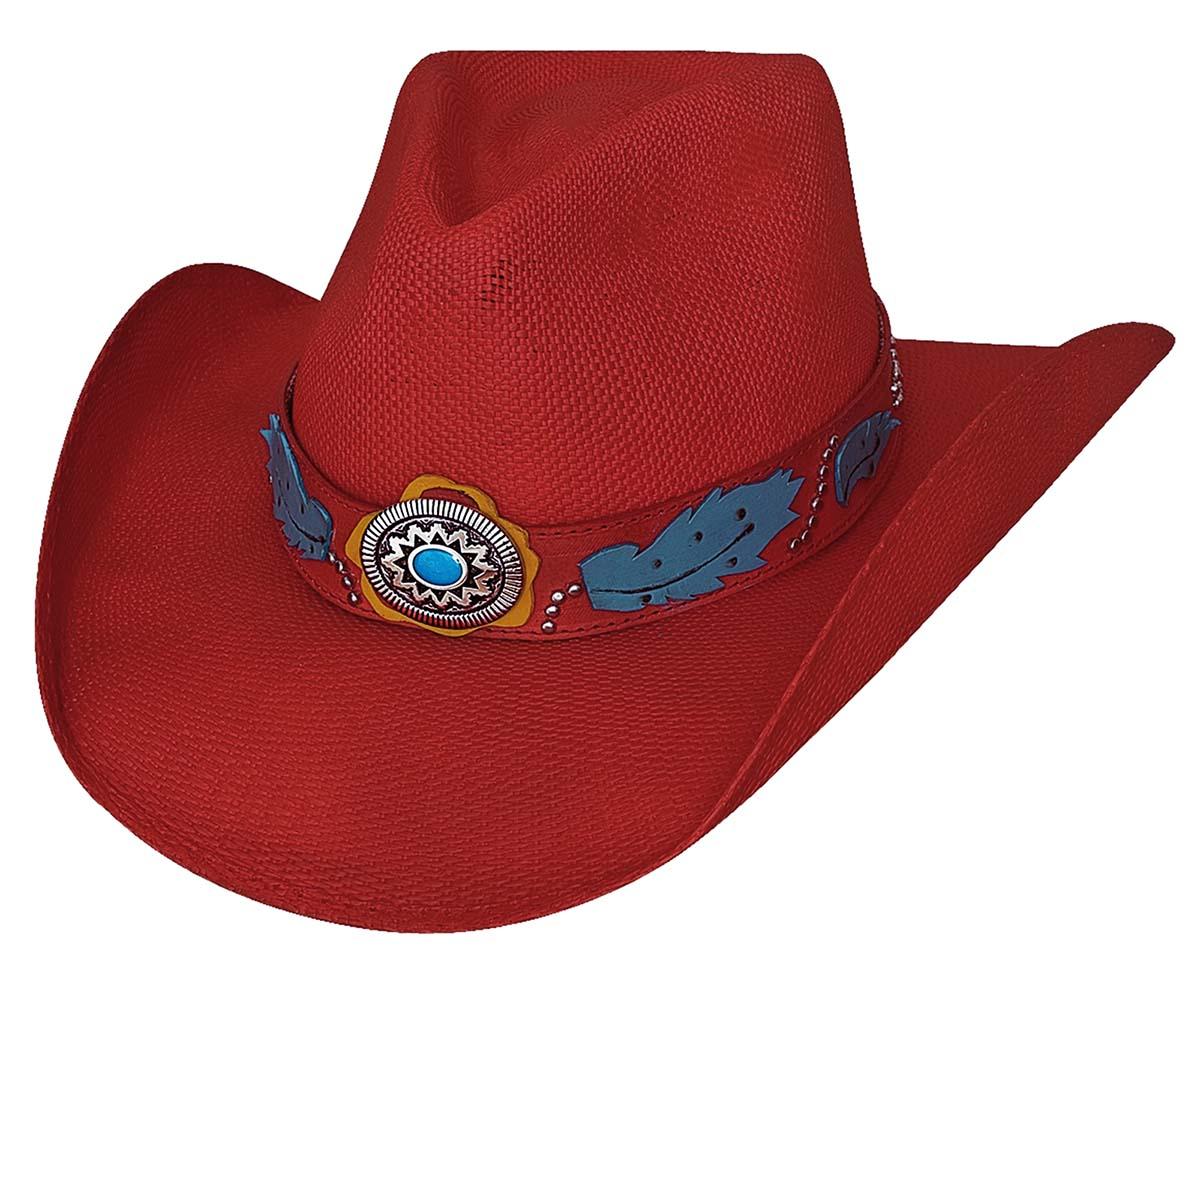 画像1: ウエスタン ストロー ハット(レッド)/Western Straw Hat(Red) (1)